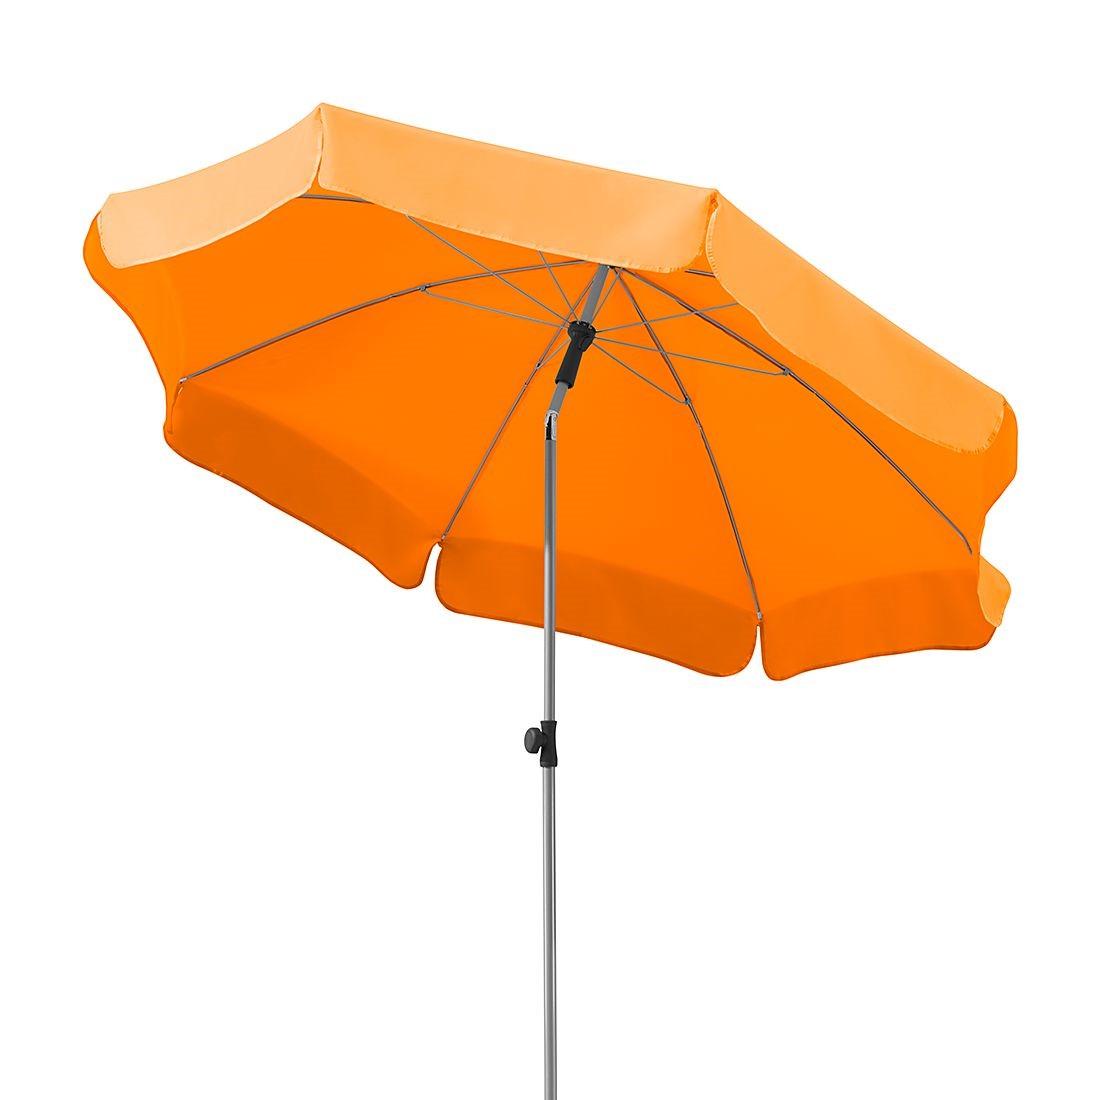 Sonnenschirm Micco II - Stahl/Polyester - Silber/Mandarine, Schneider Schirme